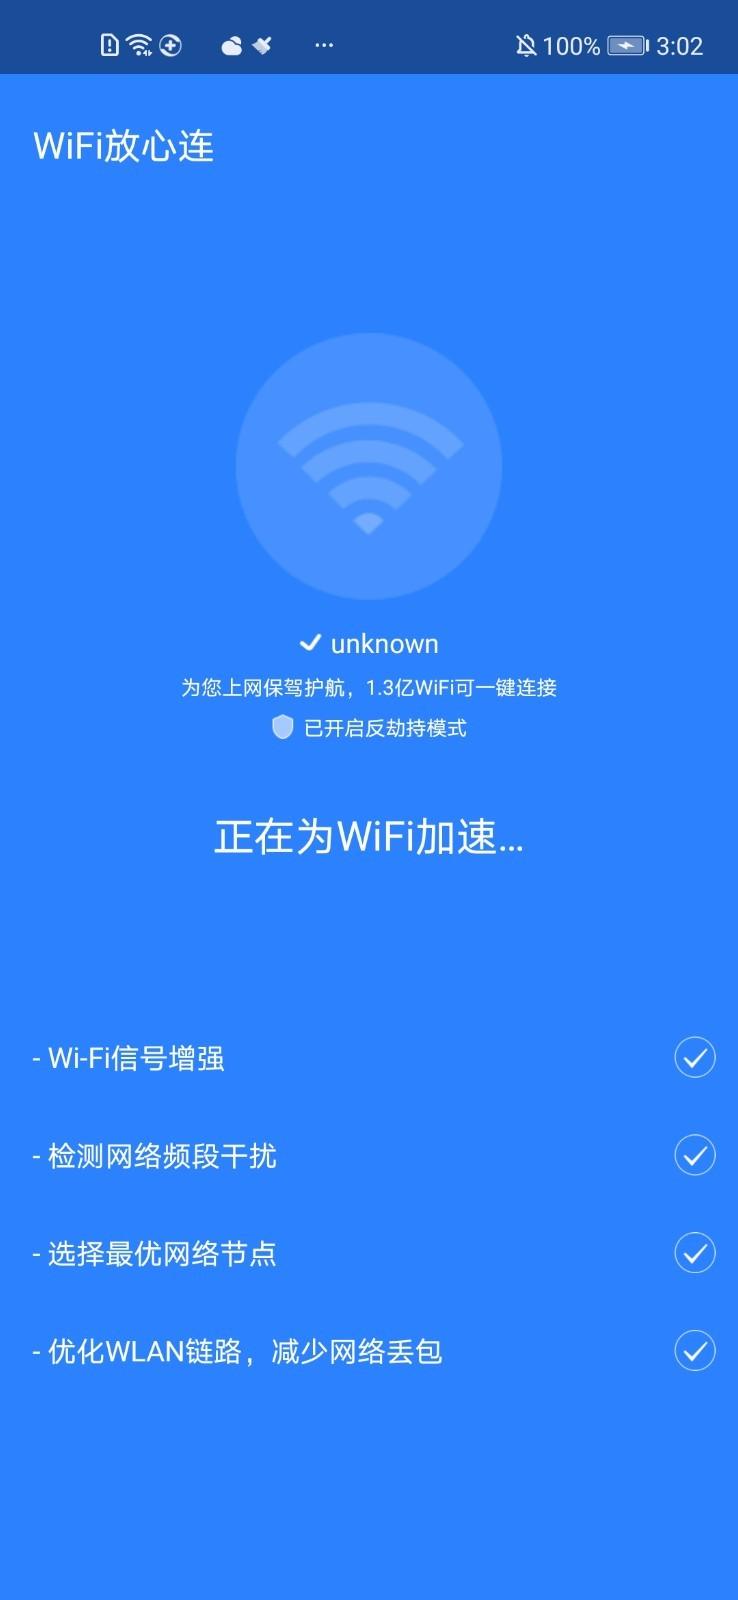 WiFi放心连(4)